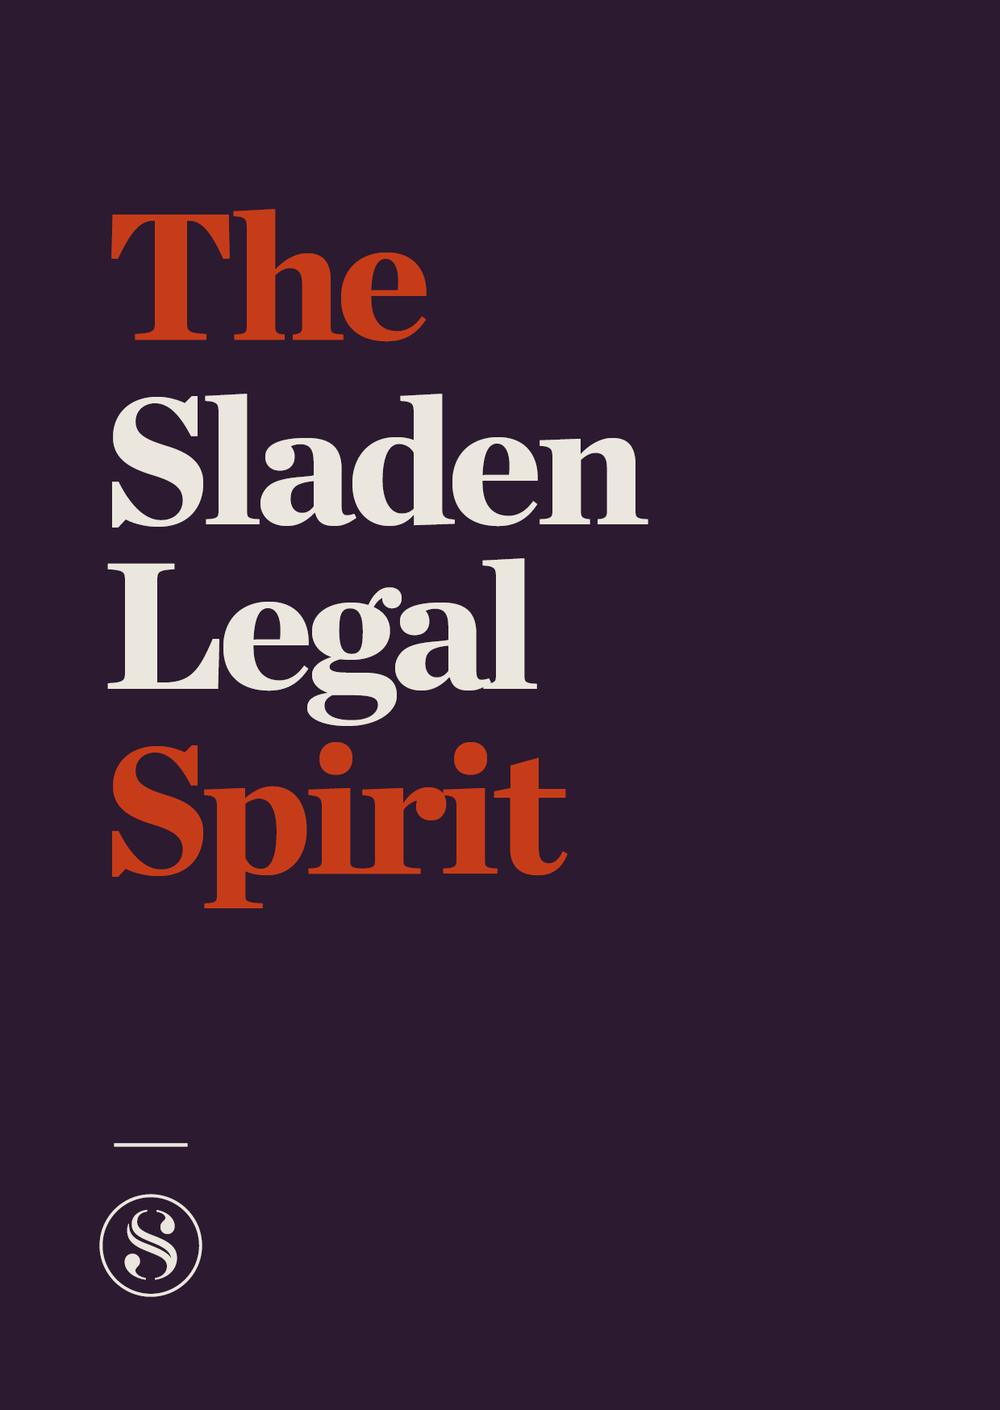 10255_Sladen_A5_Brand_Book_CMYK_06.1_LR01.png